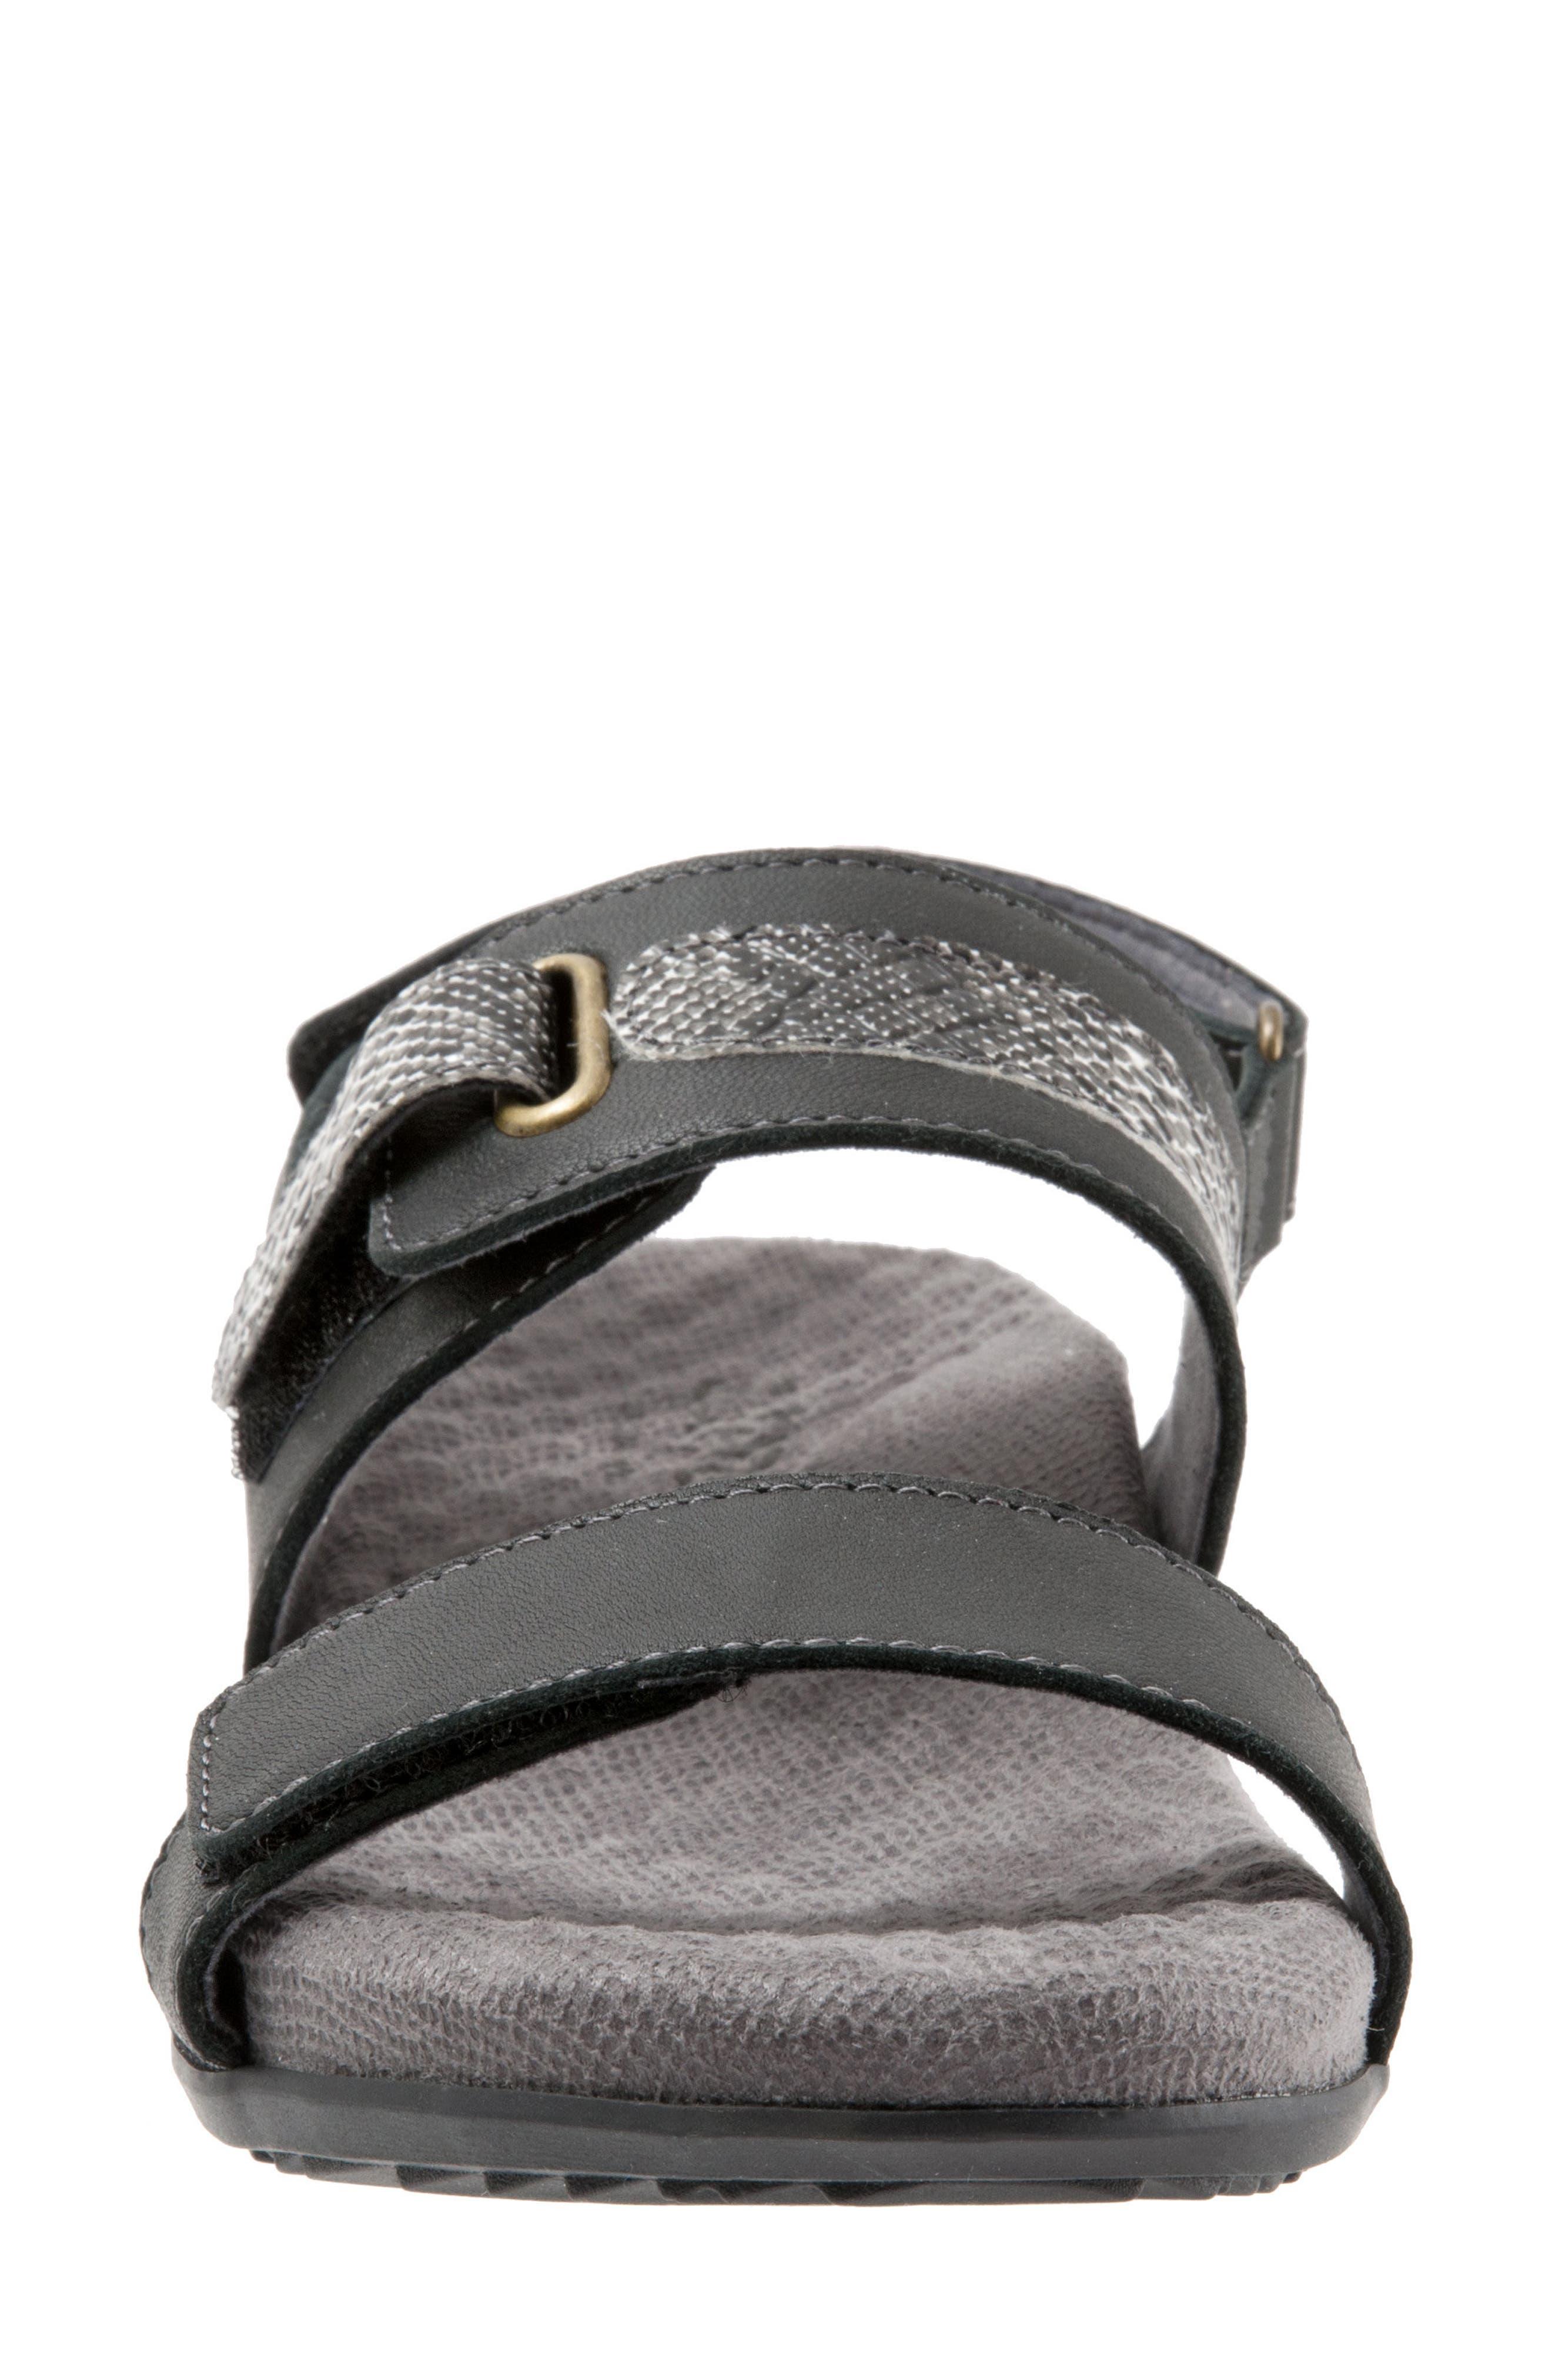 Bimmer Sandal,                             Alternate thumbnail 4, color,                             BLACK LEATHER